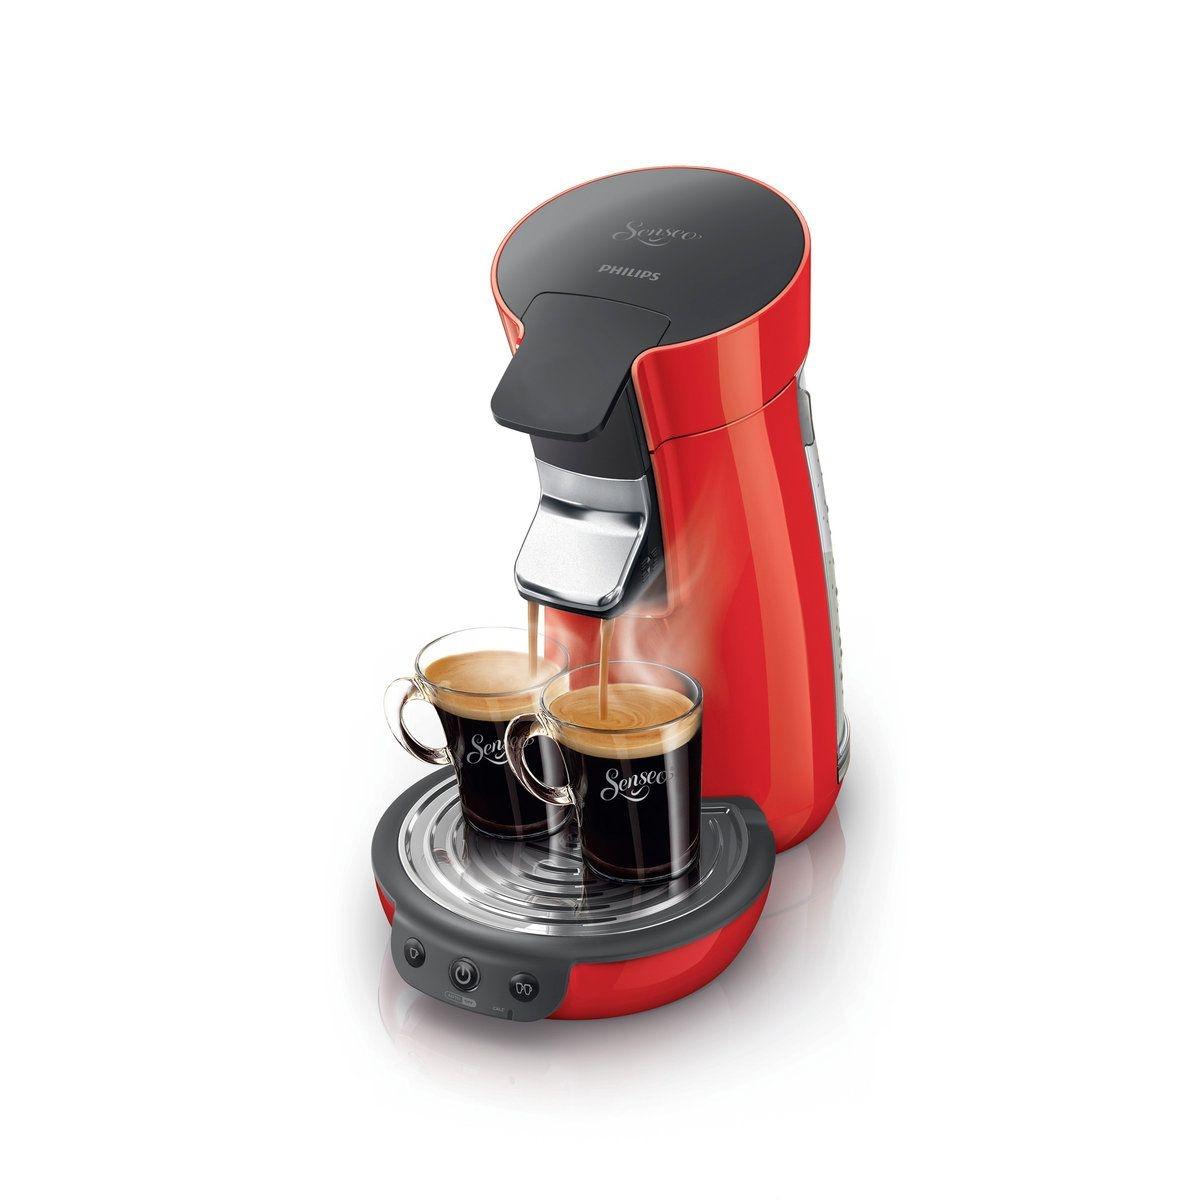 SENSEO Viva Café HD7825/91, Rouge